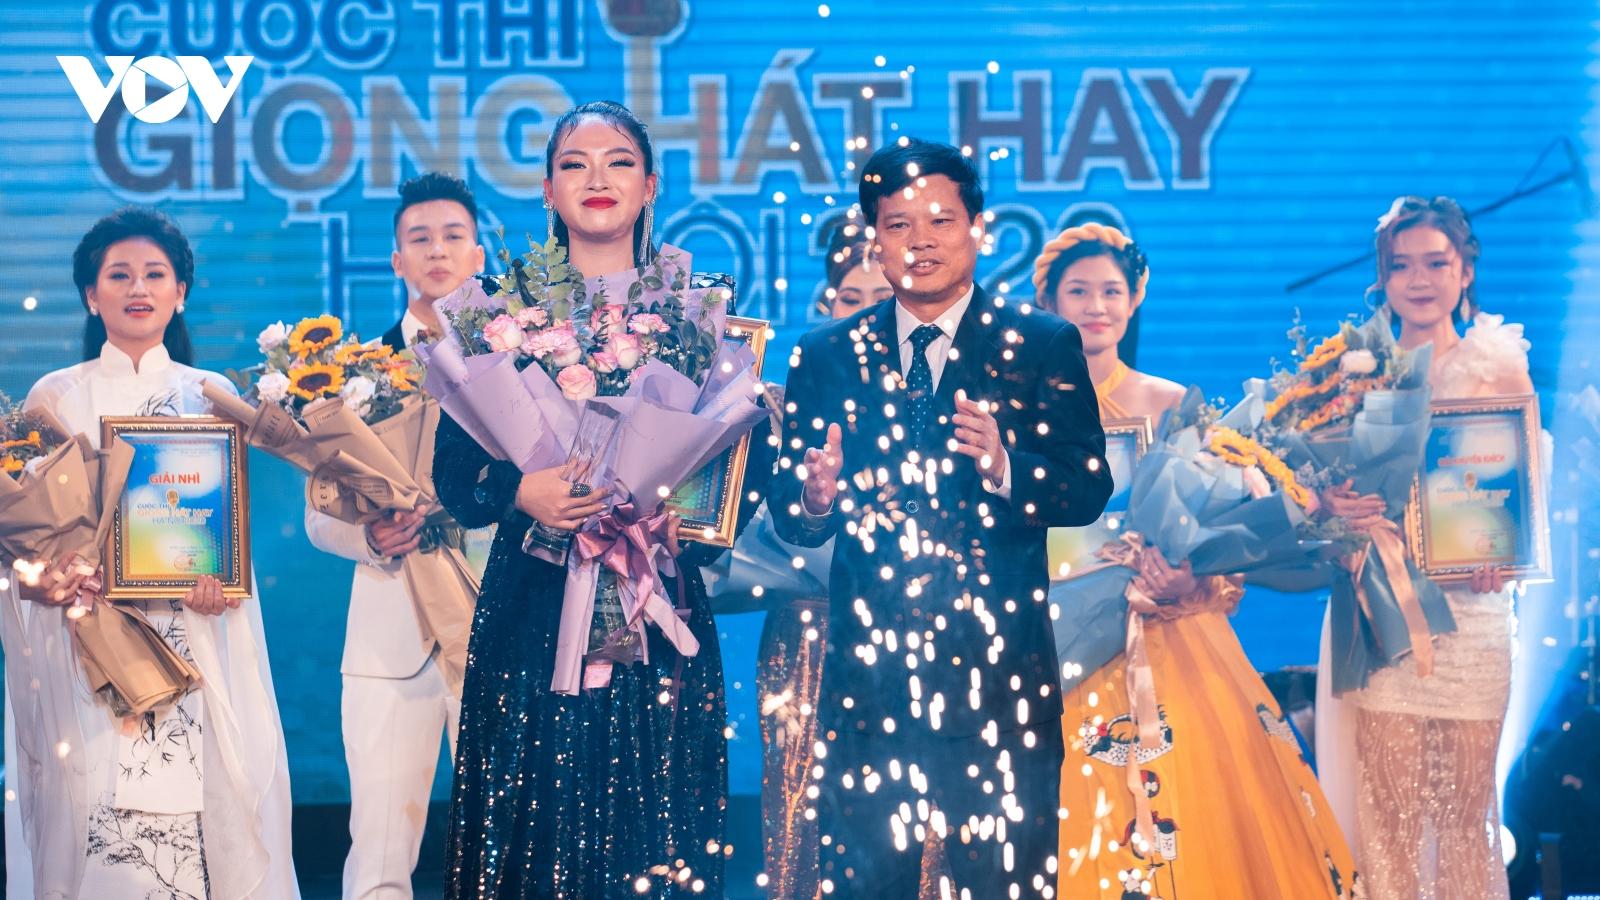 """Bùi Dương Thái Hà lên ngôi Quán quân """"Giọng hát hay Hà Nội 2020"""""""